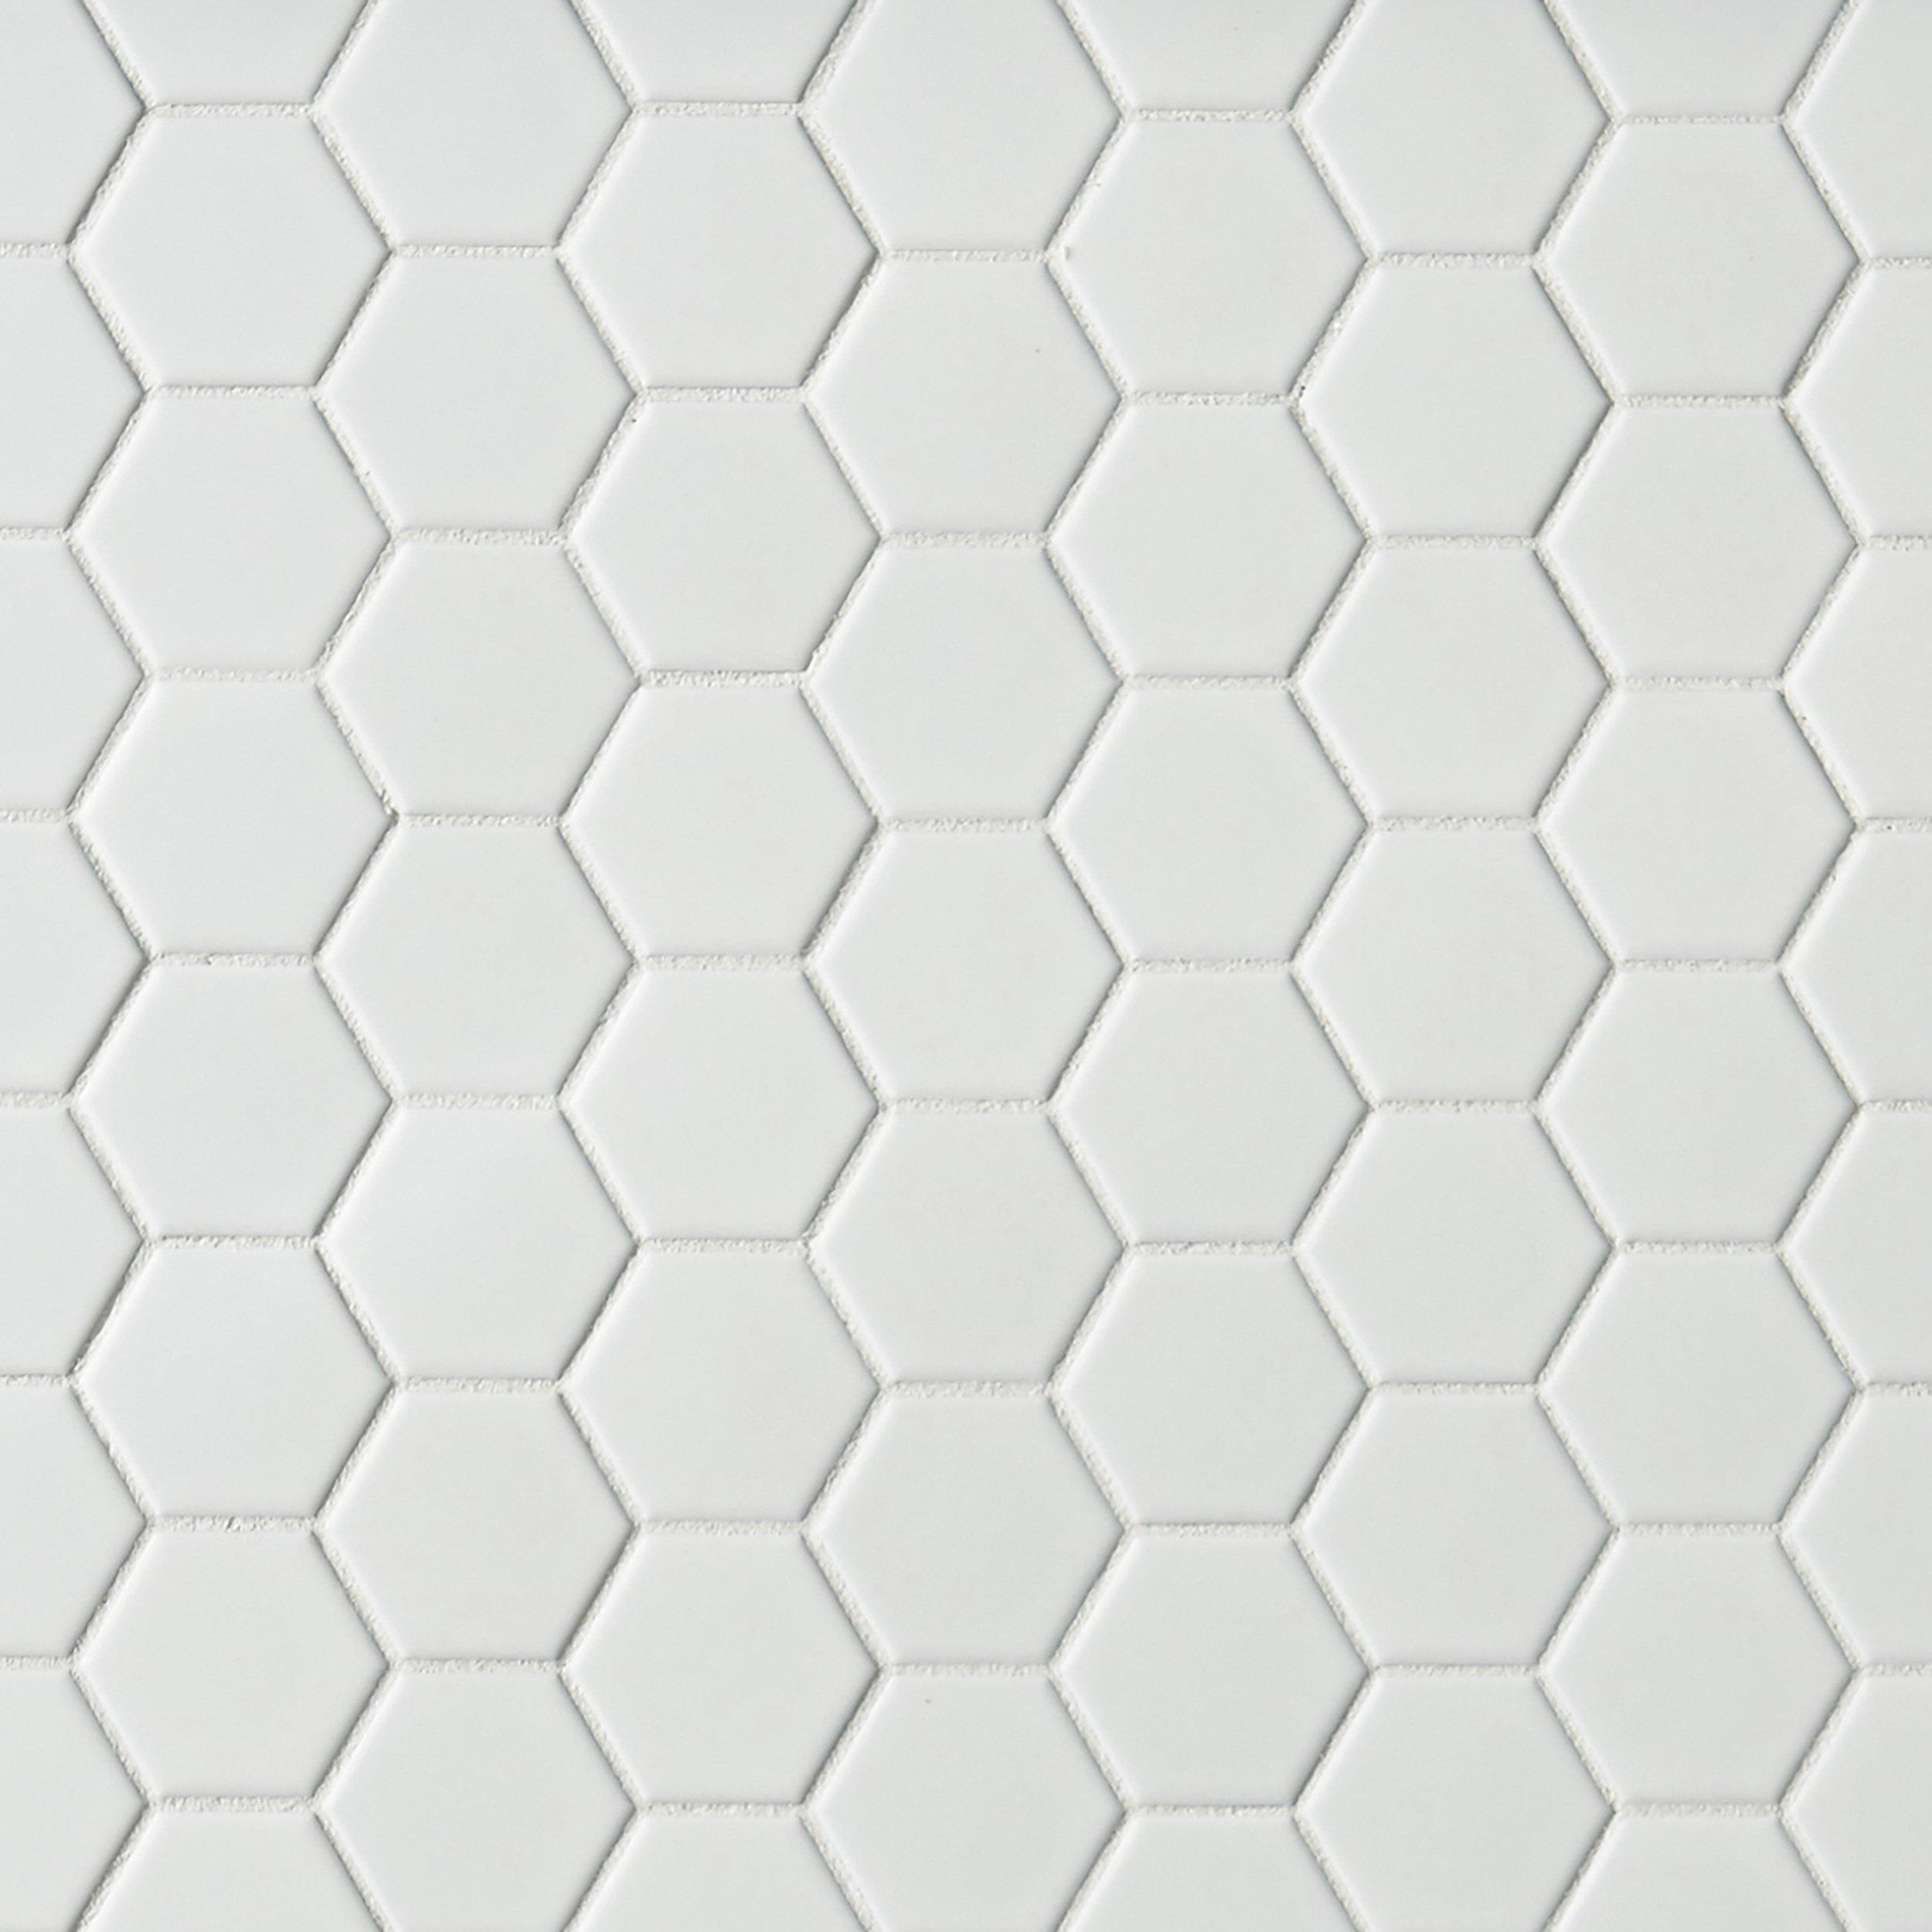 Tile Floor. White Mosaic Tile The Home Depot Floor O - Bgbc.co